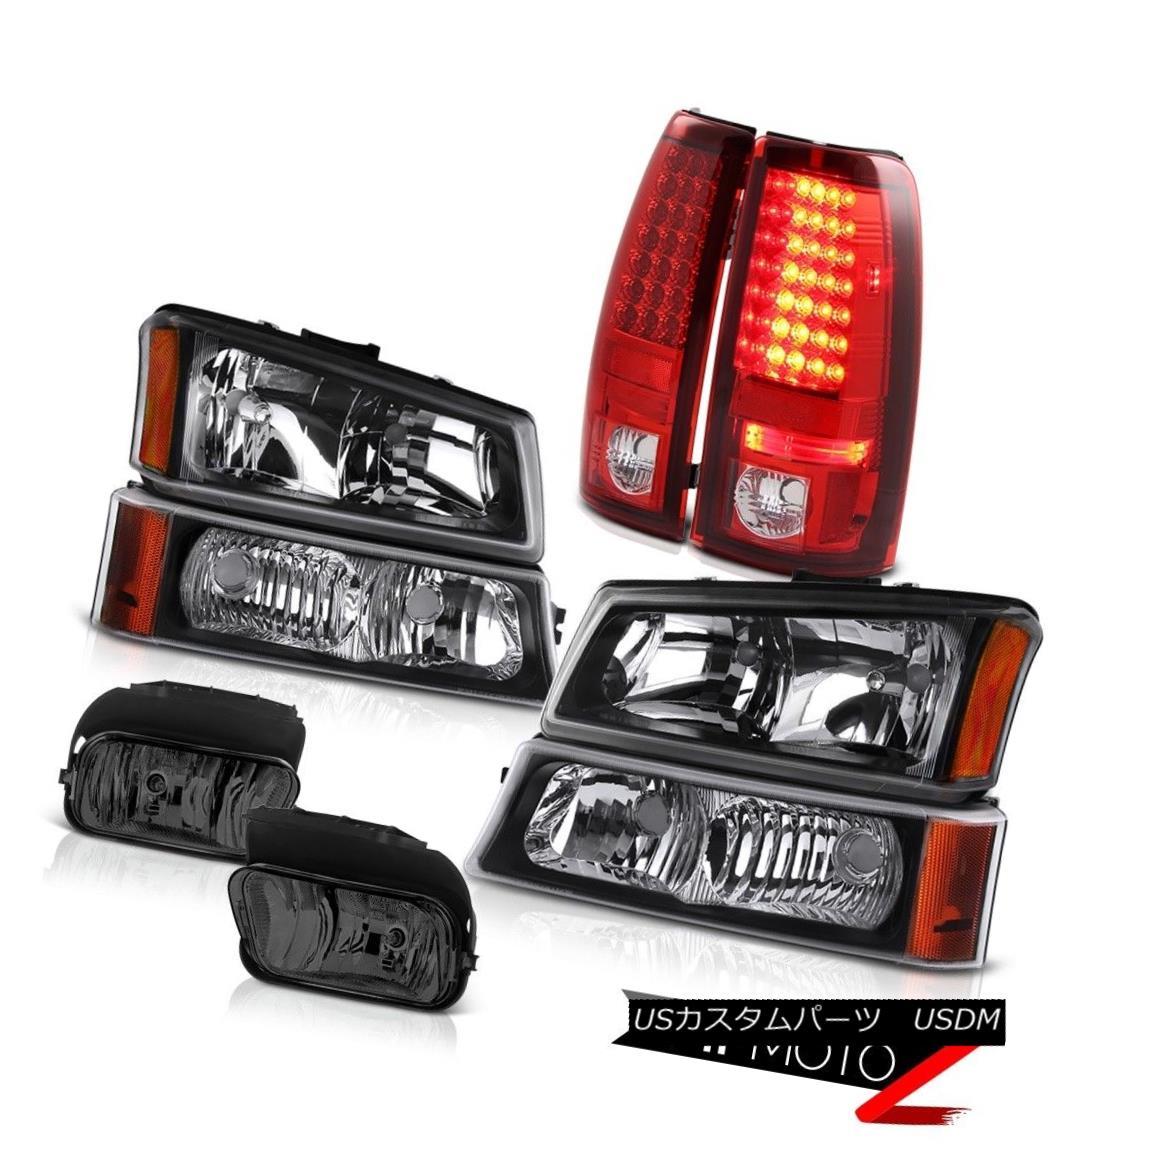 ヘッドライト 03-06 Silverado Crystal Black headlight Bumper Lamp LED Bulb Brake Taillight Fog 03-06シルバラードクリスタルブラックヘッドライトバンパーランプLEDバルブブレーキテールライトフォグ